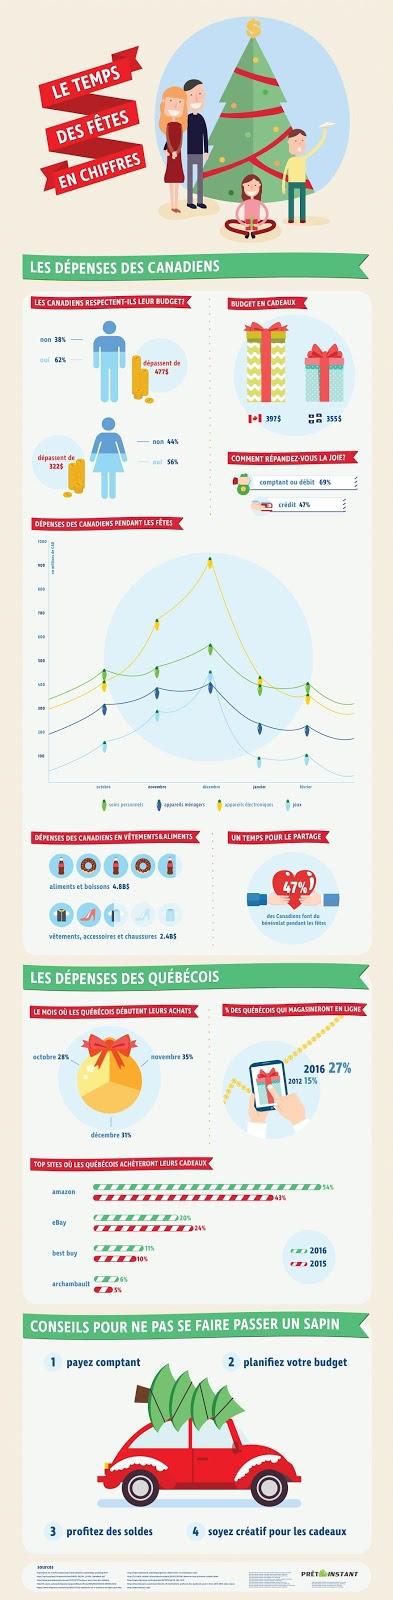 tableau statistiques argent dépenses temps des fêtes québec